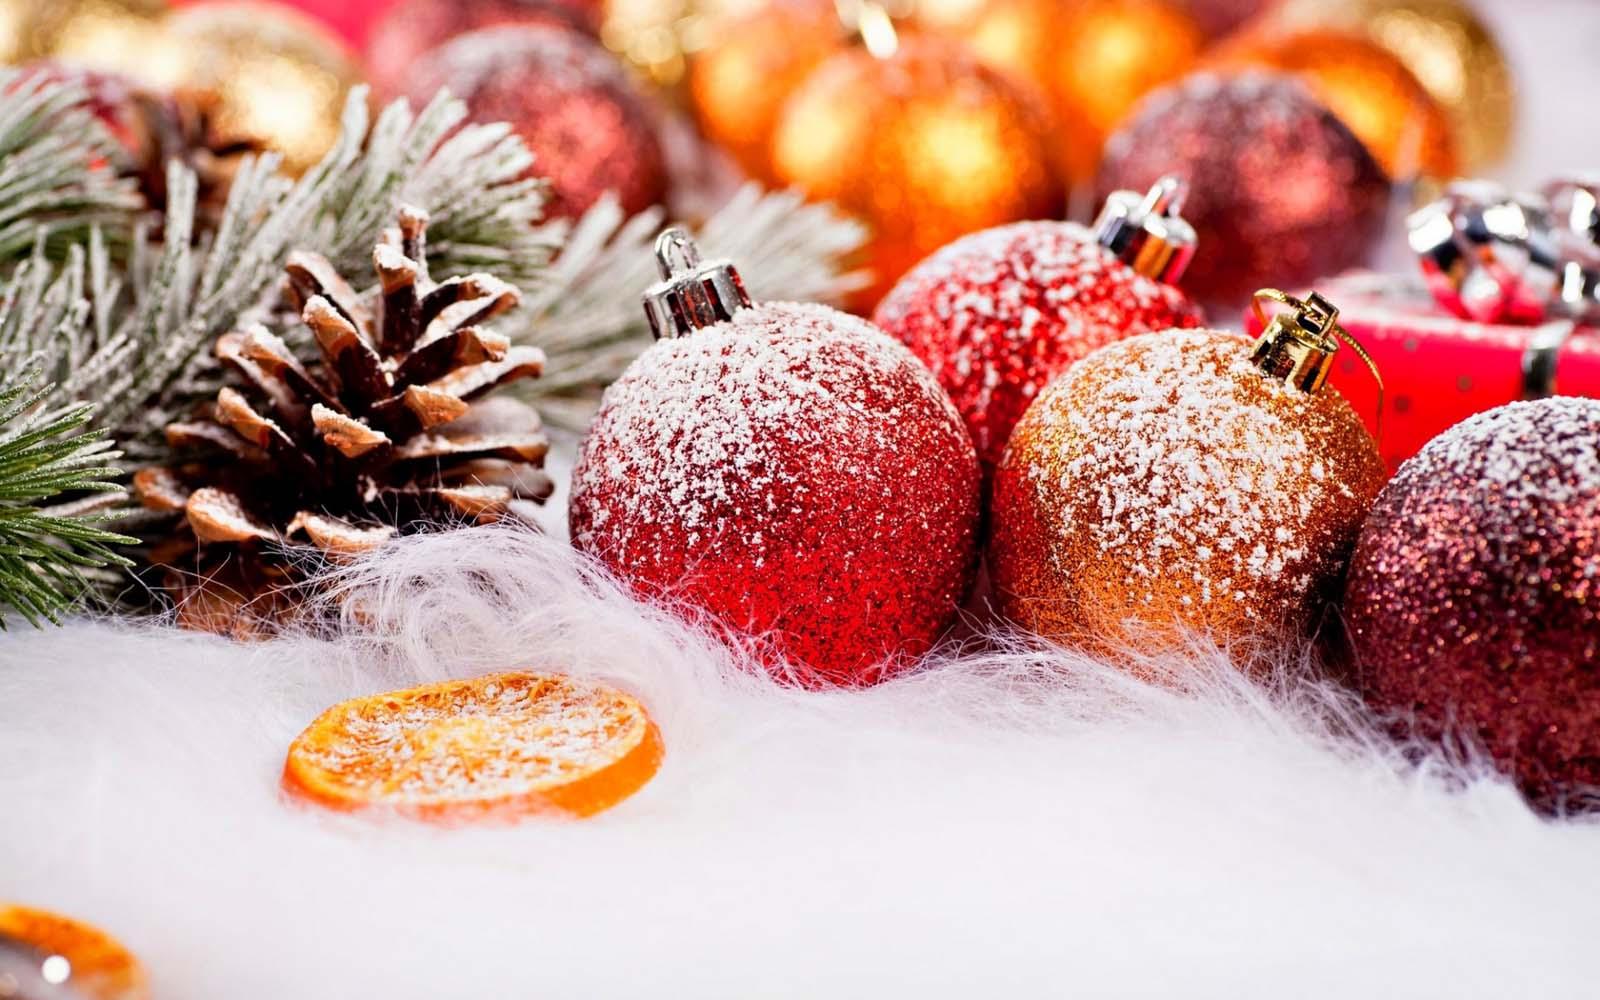 sfondo decori natalizi innevati sfondi hd gratis. Black Bedroom Furniture Sets. Home Design Ideas